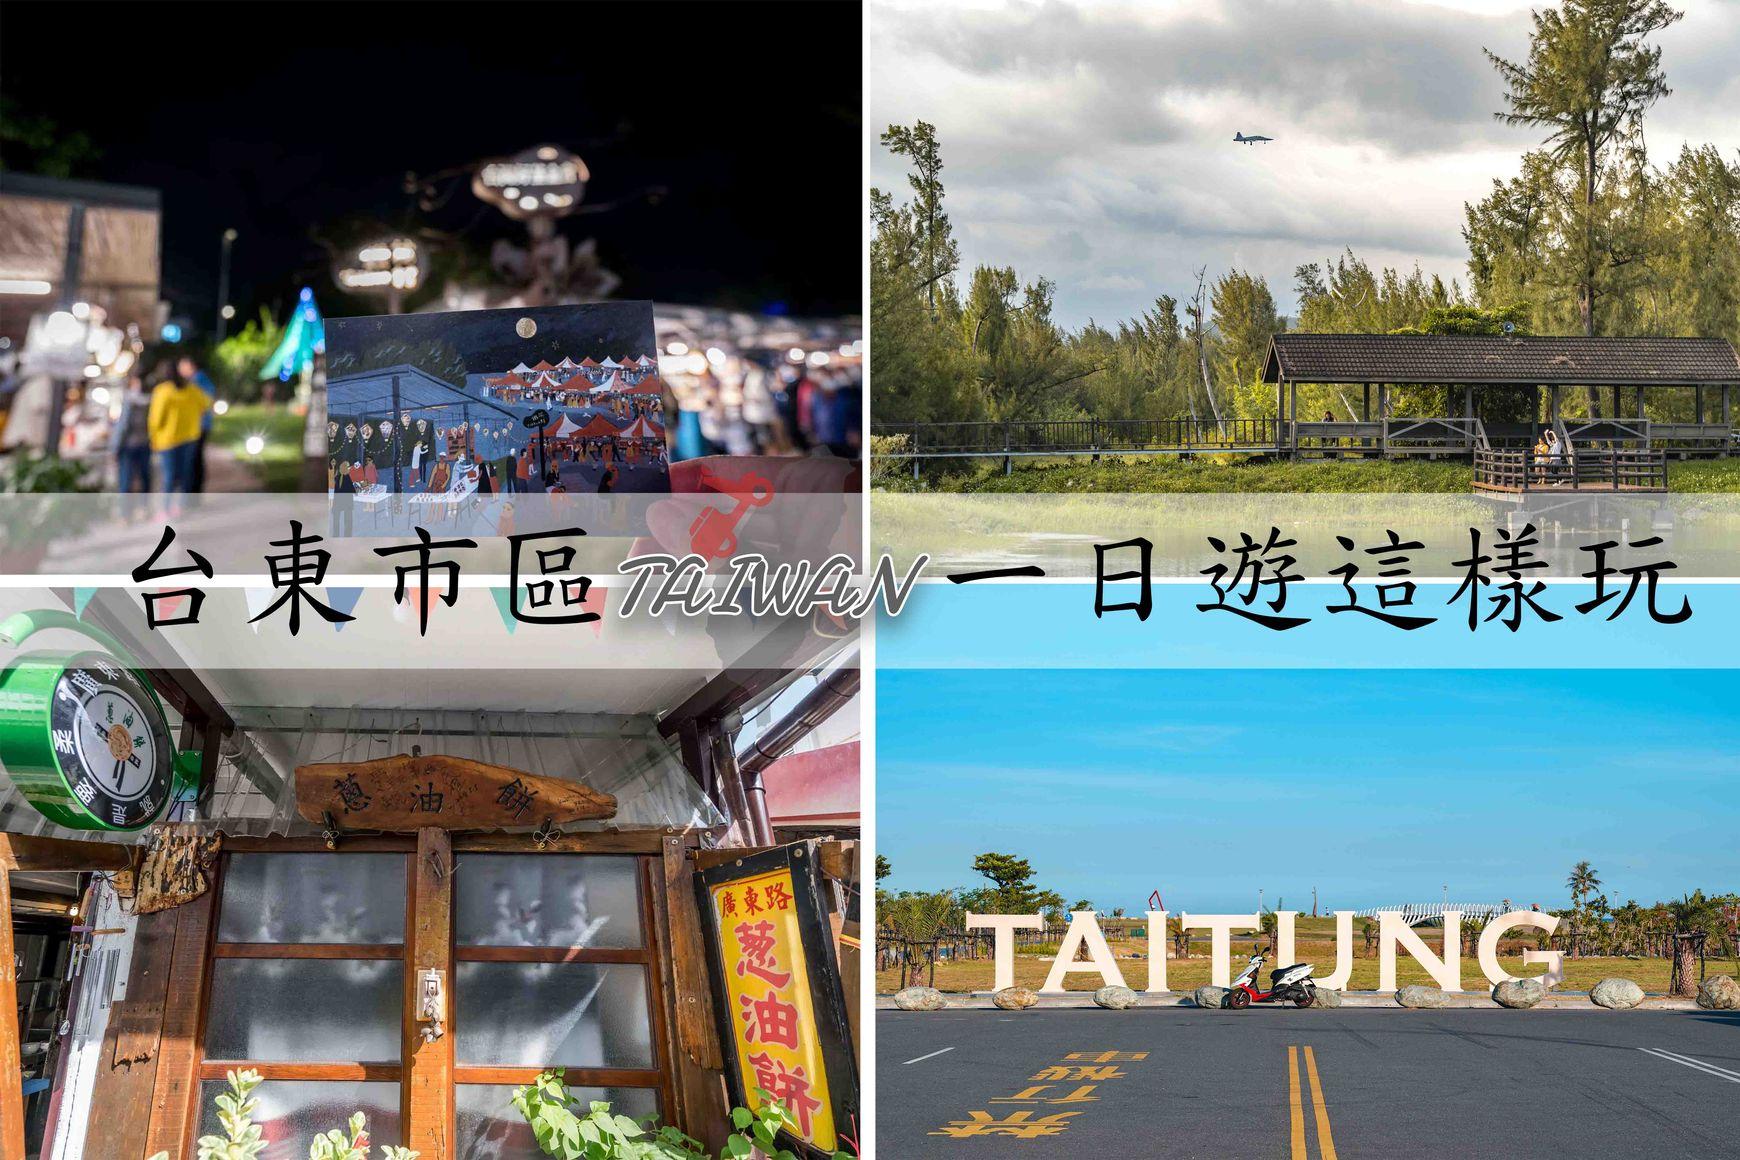 台東市區一日遊必玩行程大公開|逛浪漫鐵花商圈吃美食、走訪黑森林遊湖又看海